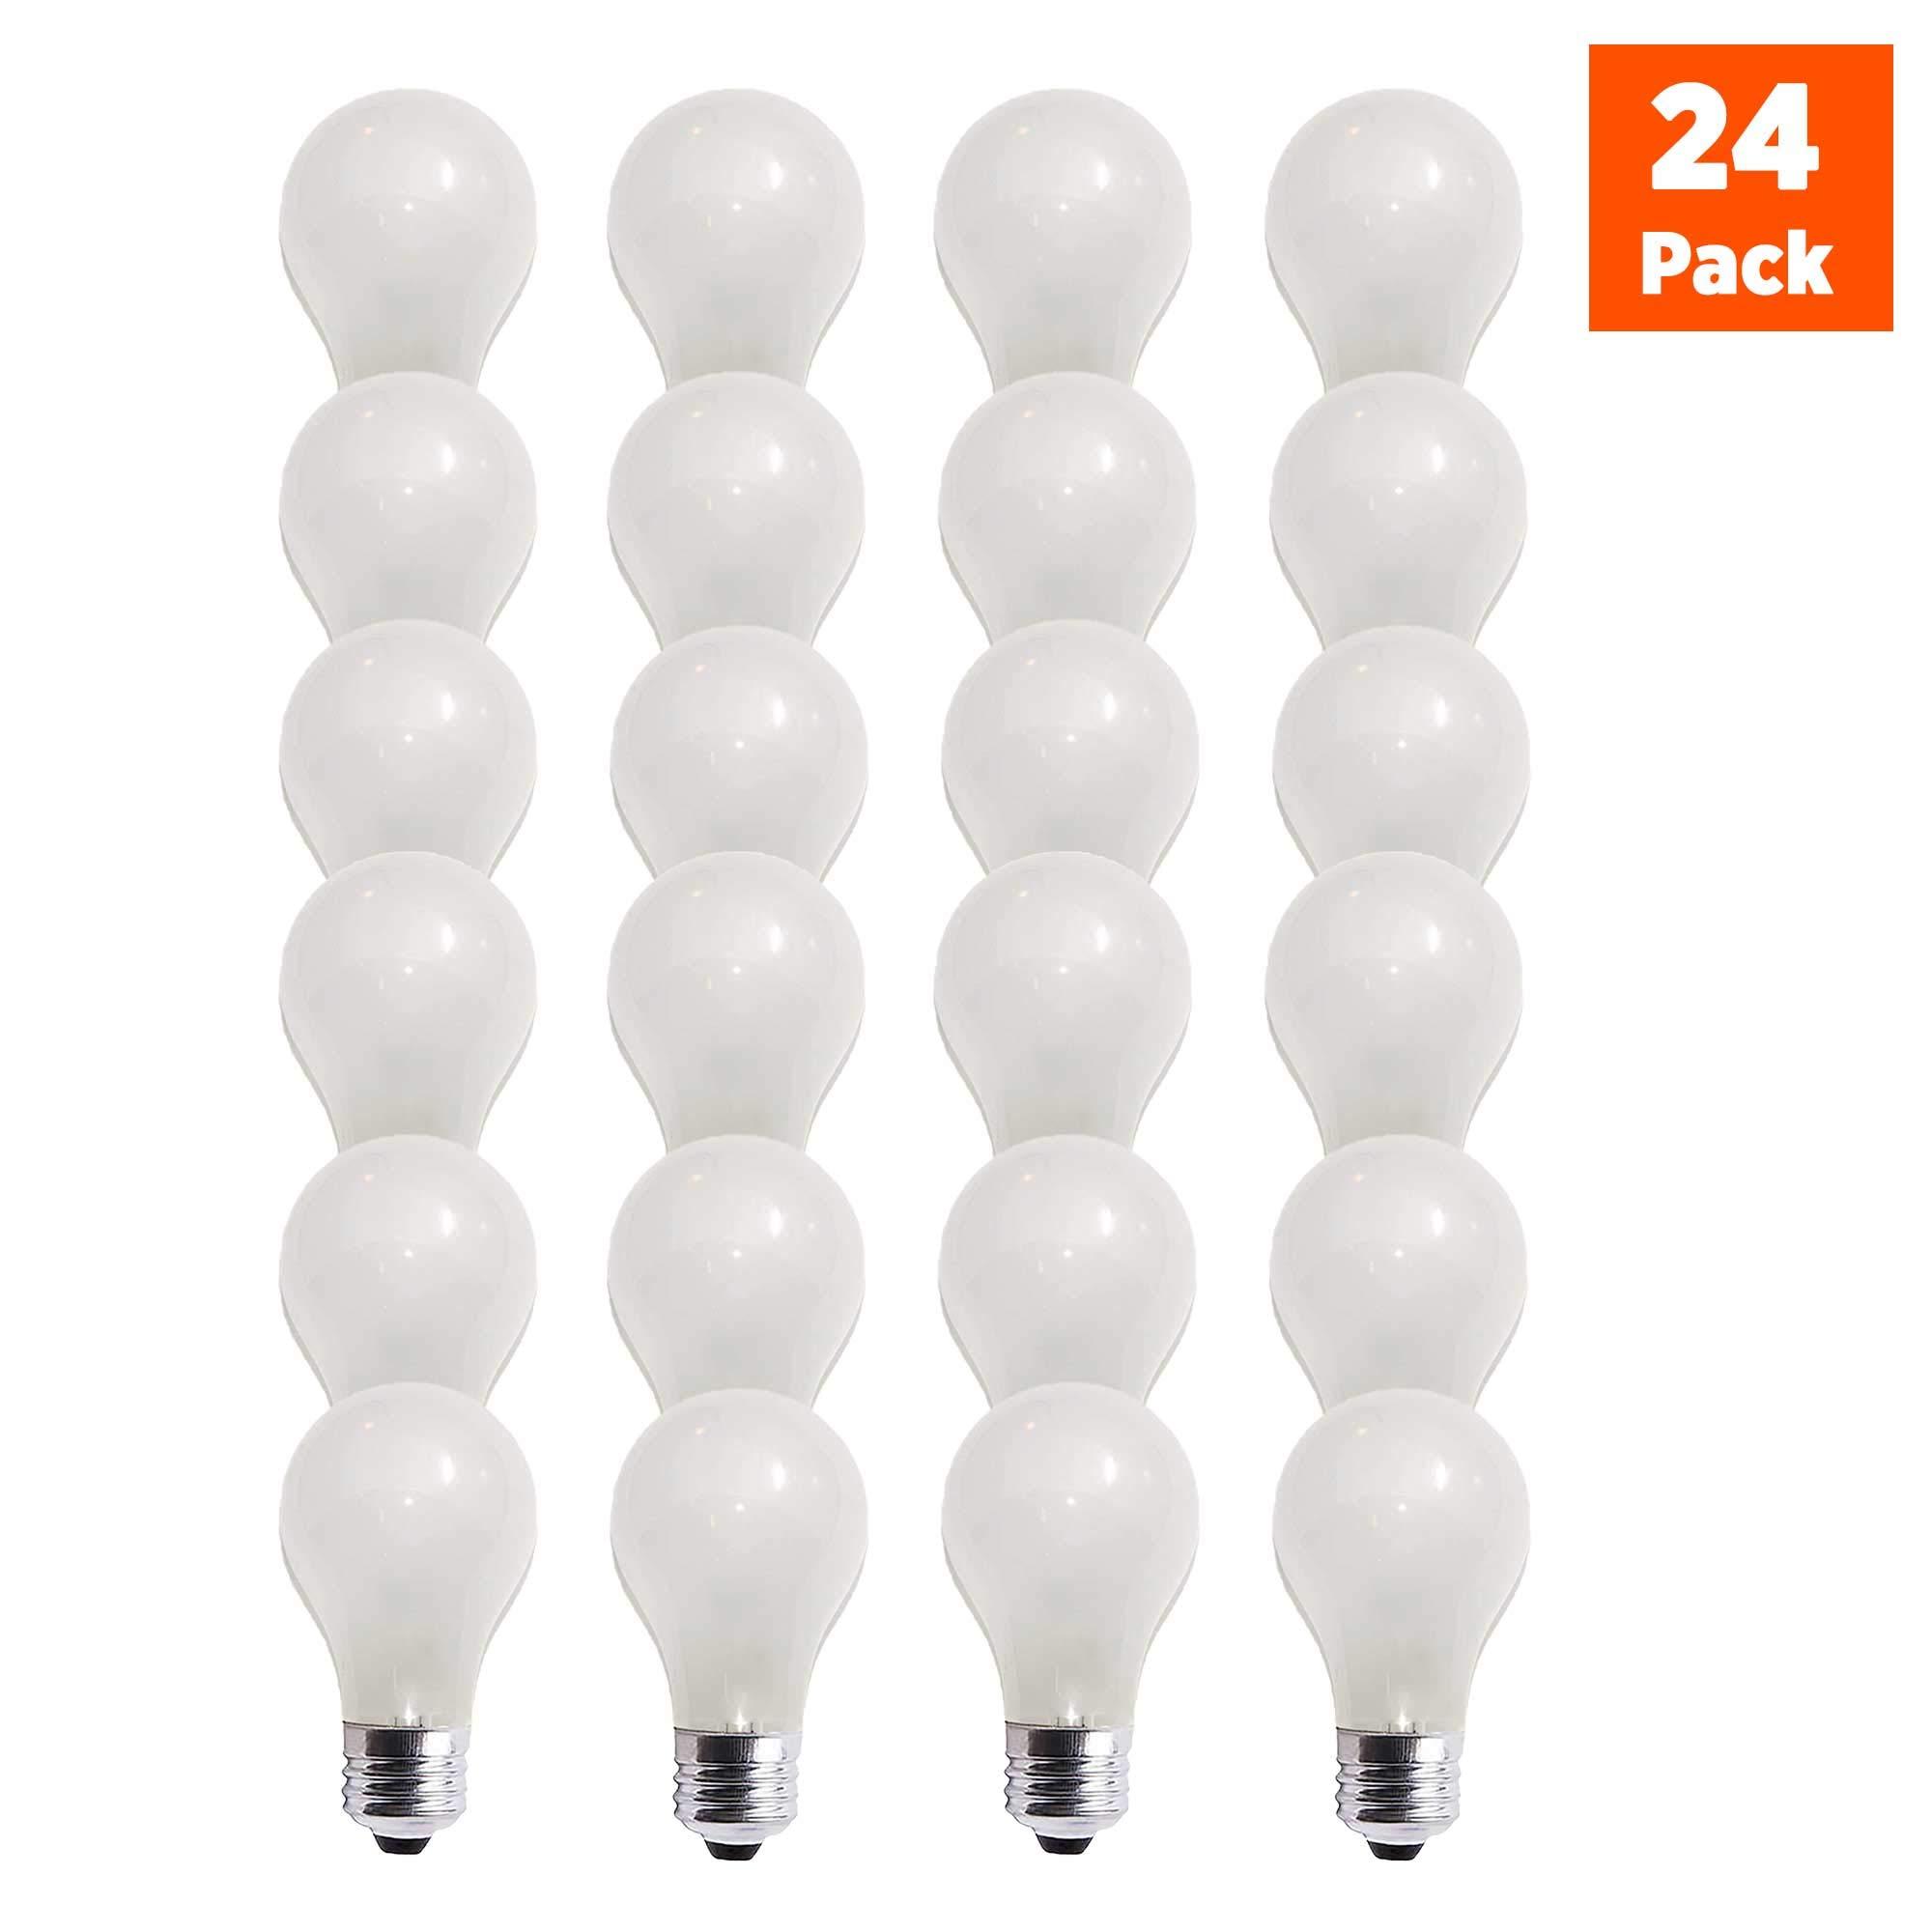 60 Watt A19 Medium Base 130 Volt Rough Service 5000 Hour Incandescent - Standard Household E26 Bulb (24 Pack)